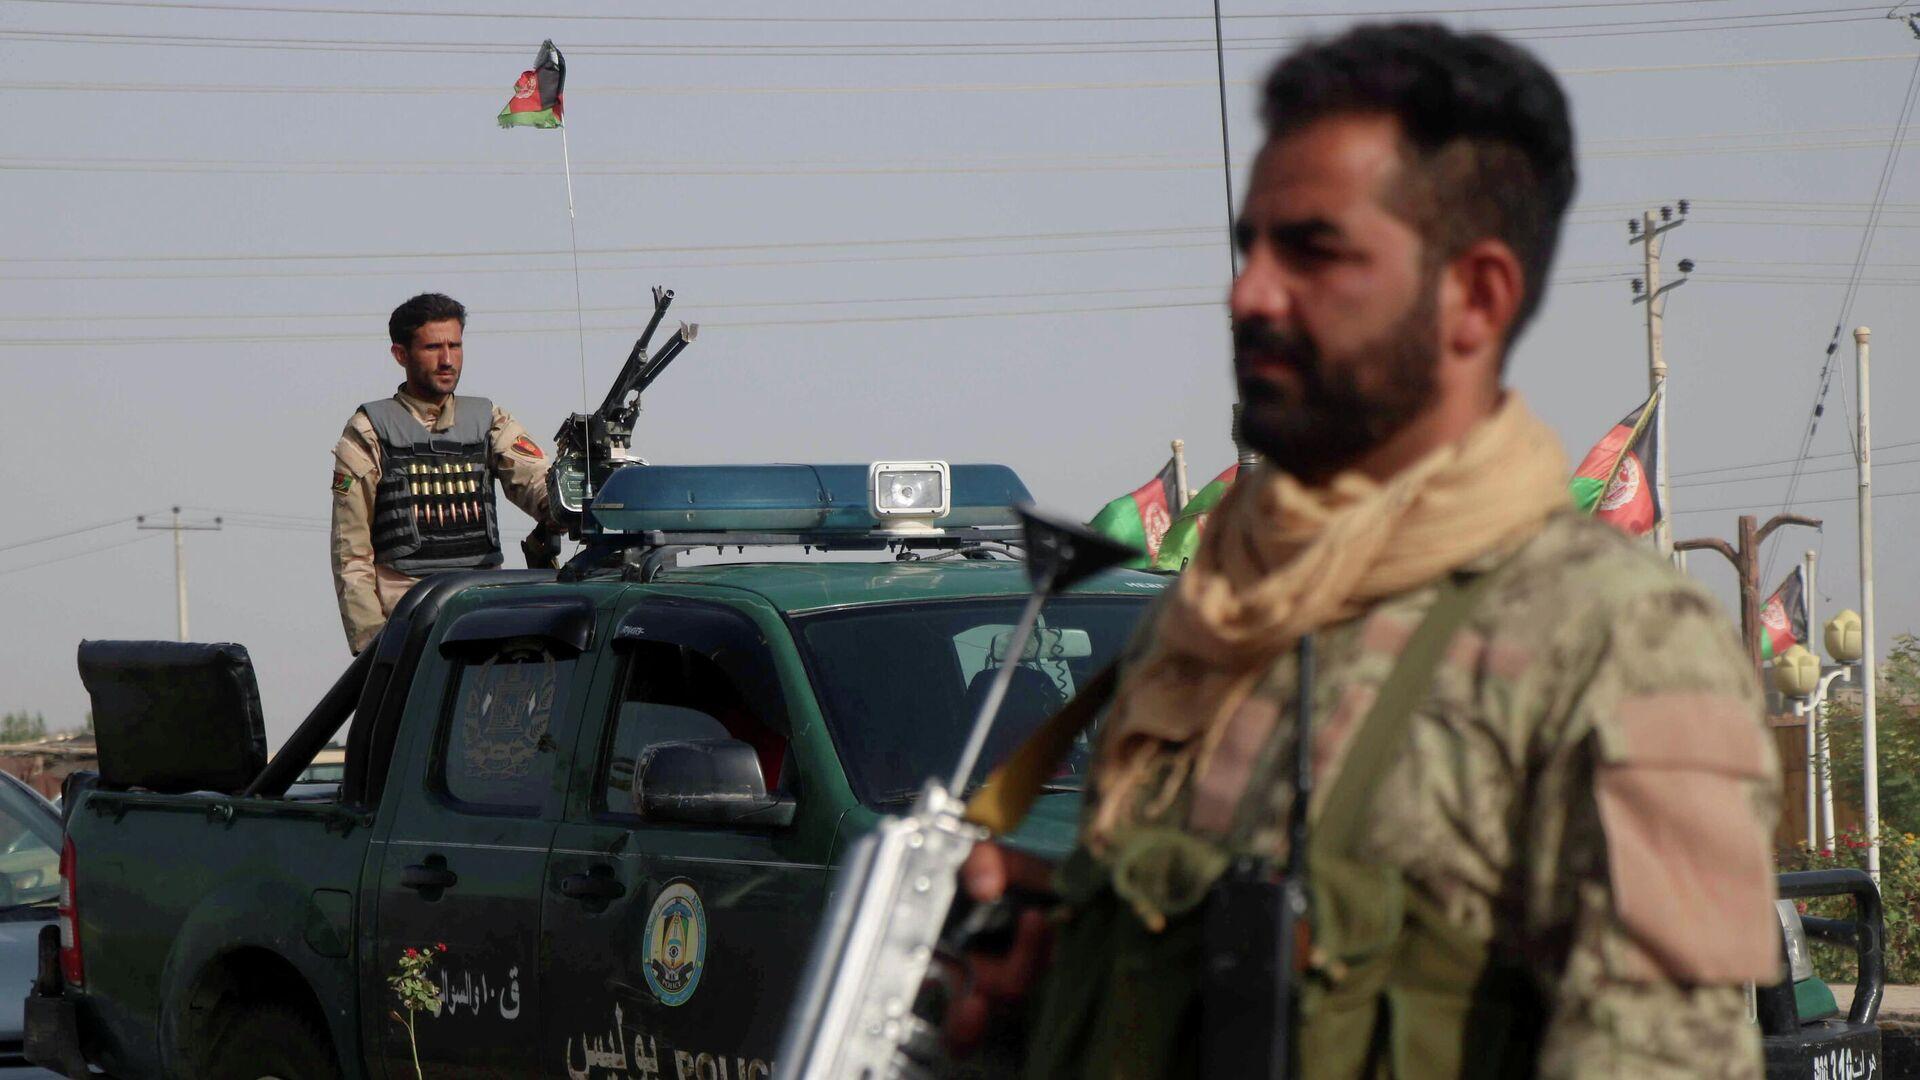 Las fuerzas de seguridad afganas vigilan un puesto de control en el distrito Guzara de la provincia de Herat, Afganistán, el 9 de julio de 2021 - Sputnik Mundo, 1920, 09.08.2021